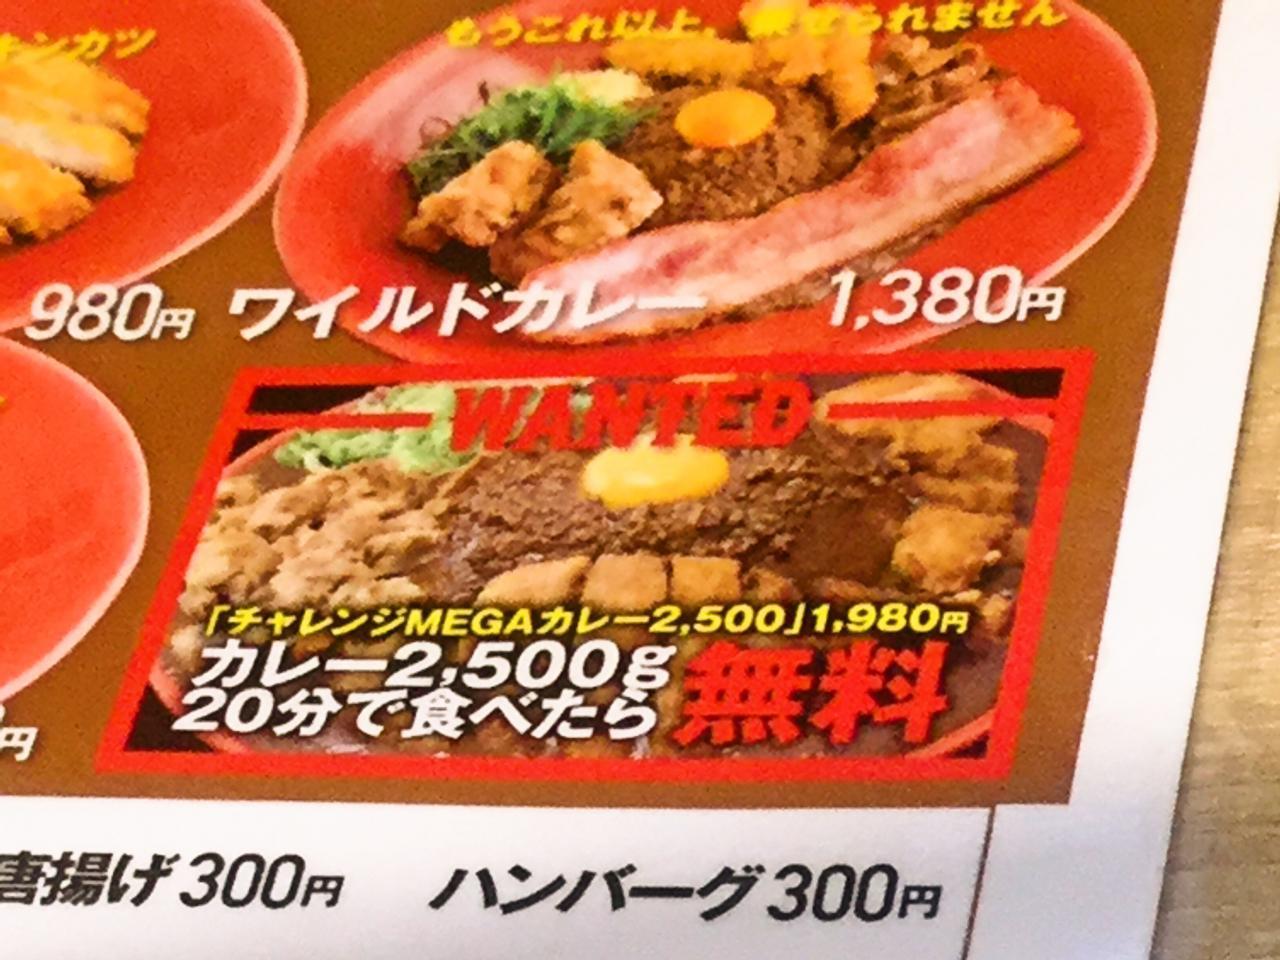 フジヤマドラゴンカレー秋葉原店(メニュー)